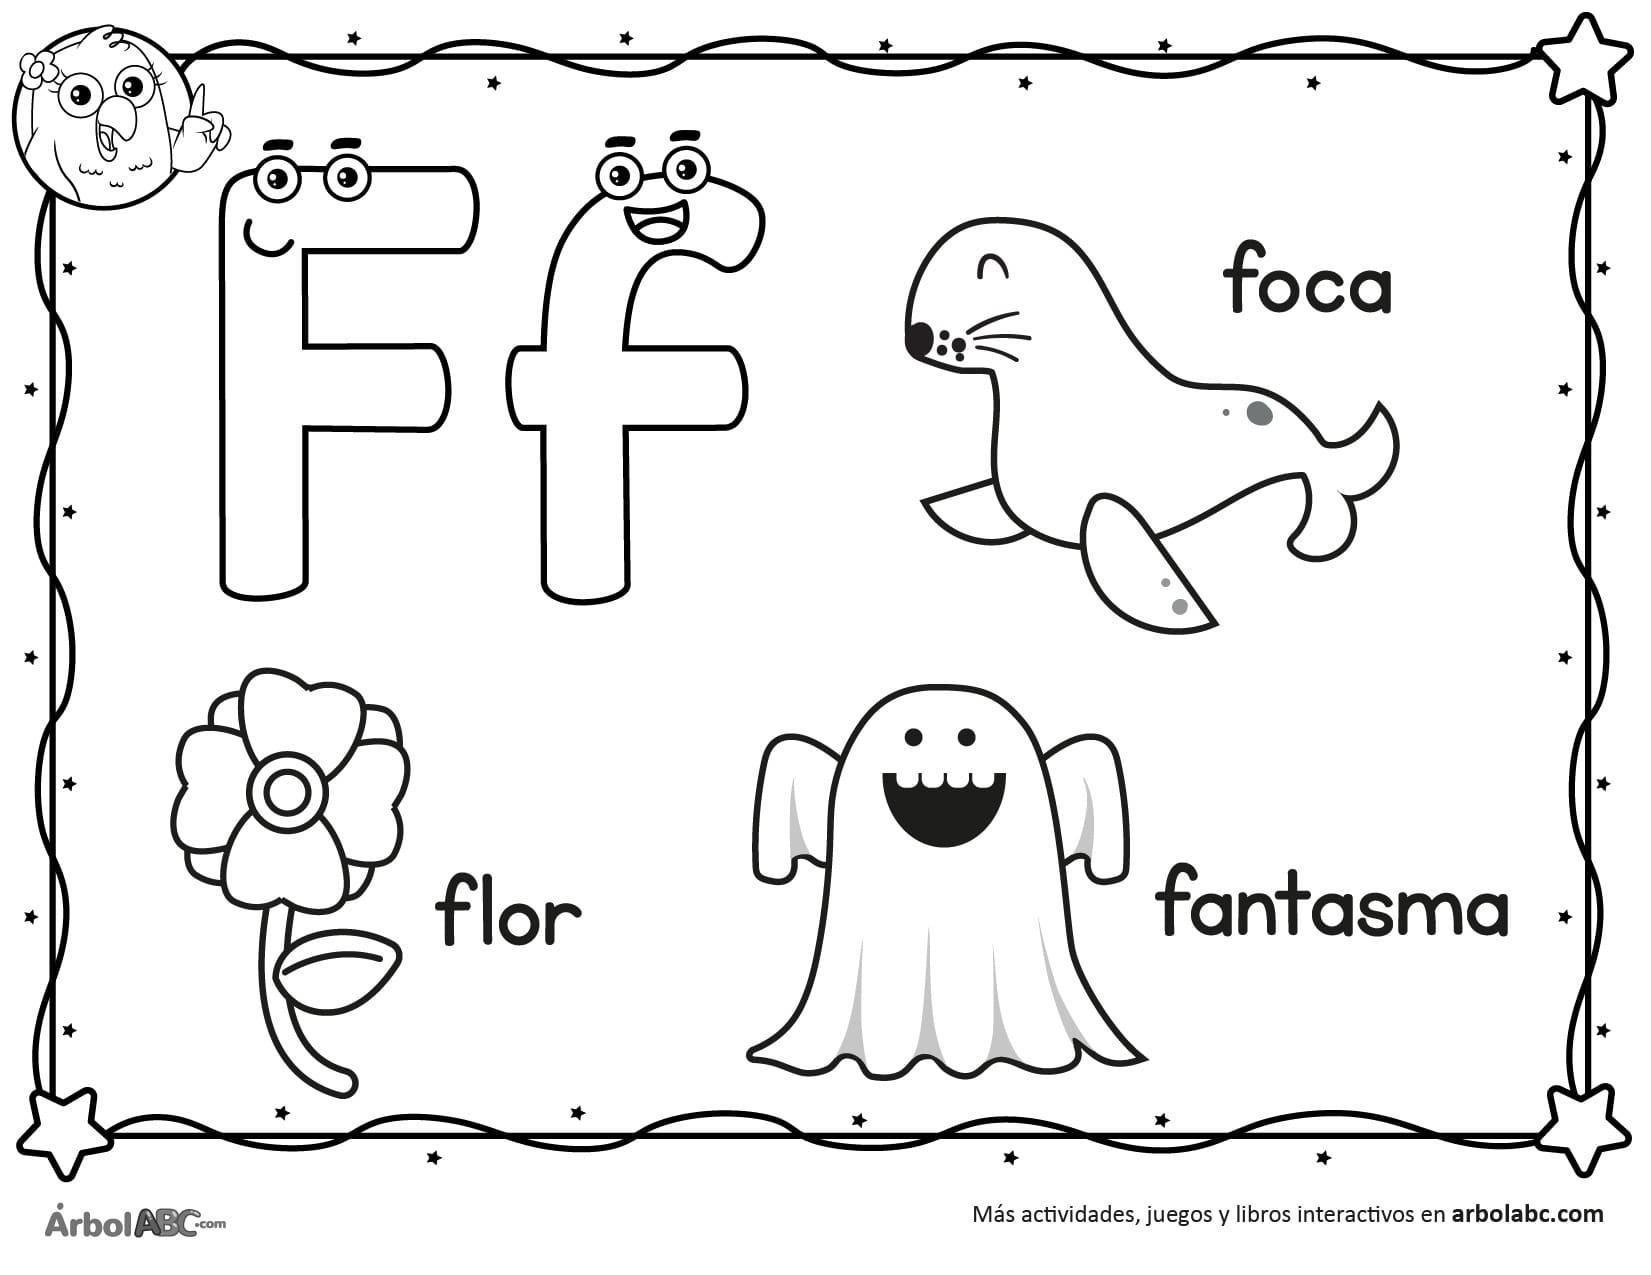 Letra F para colorear | Árbol ABC